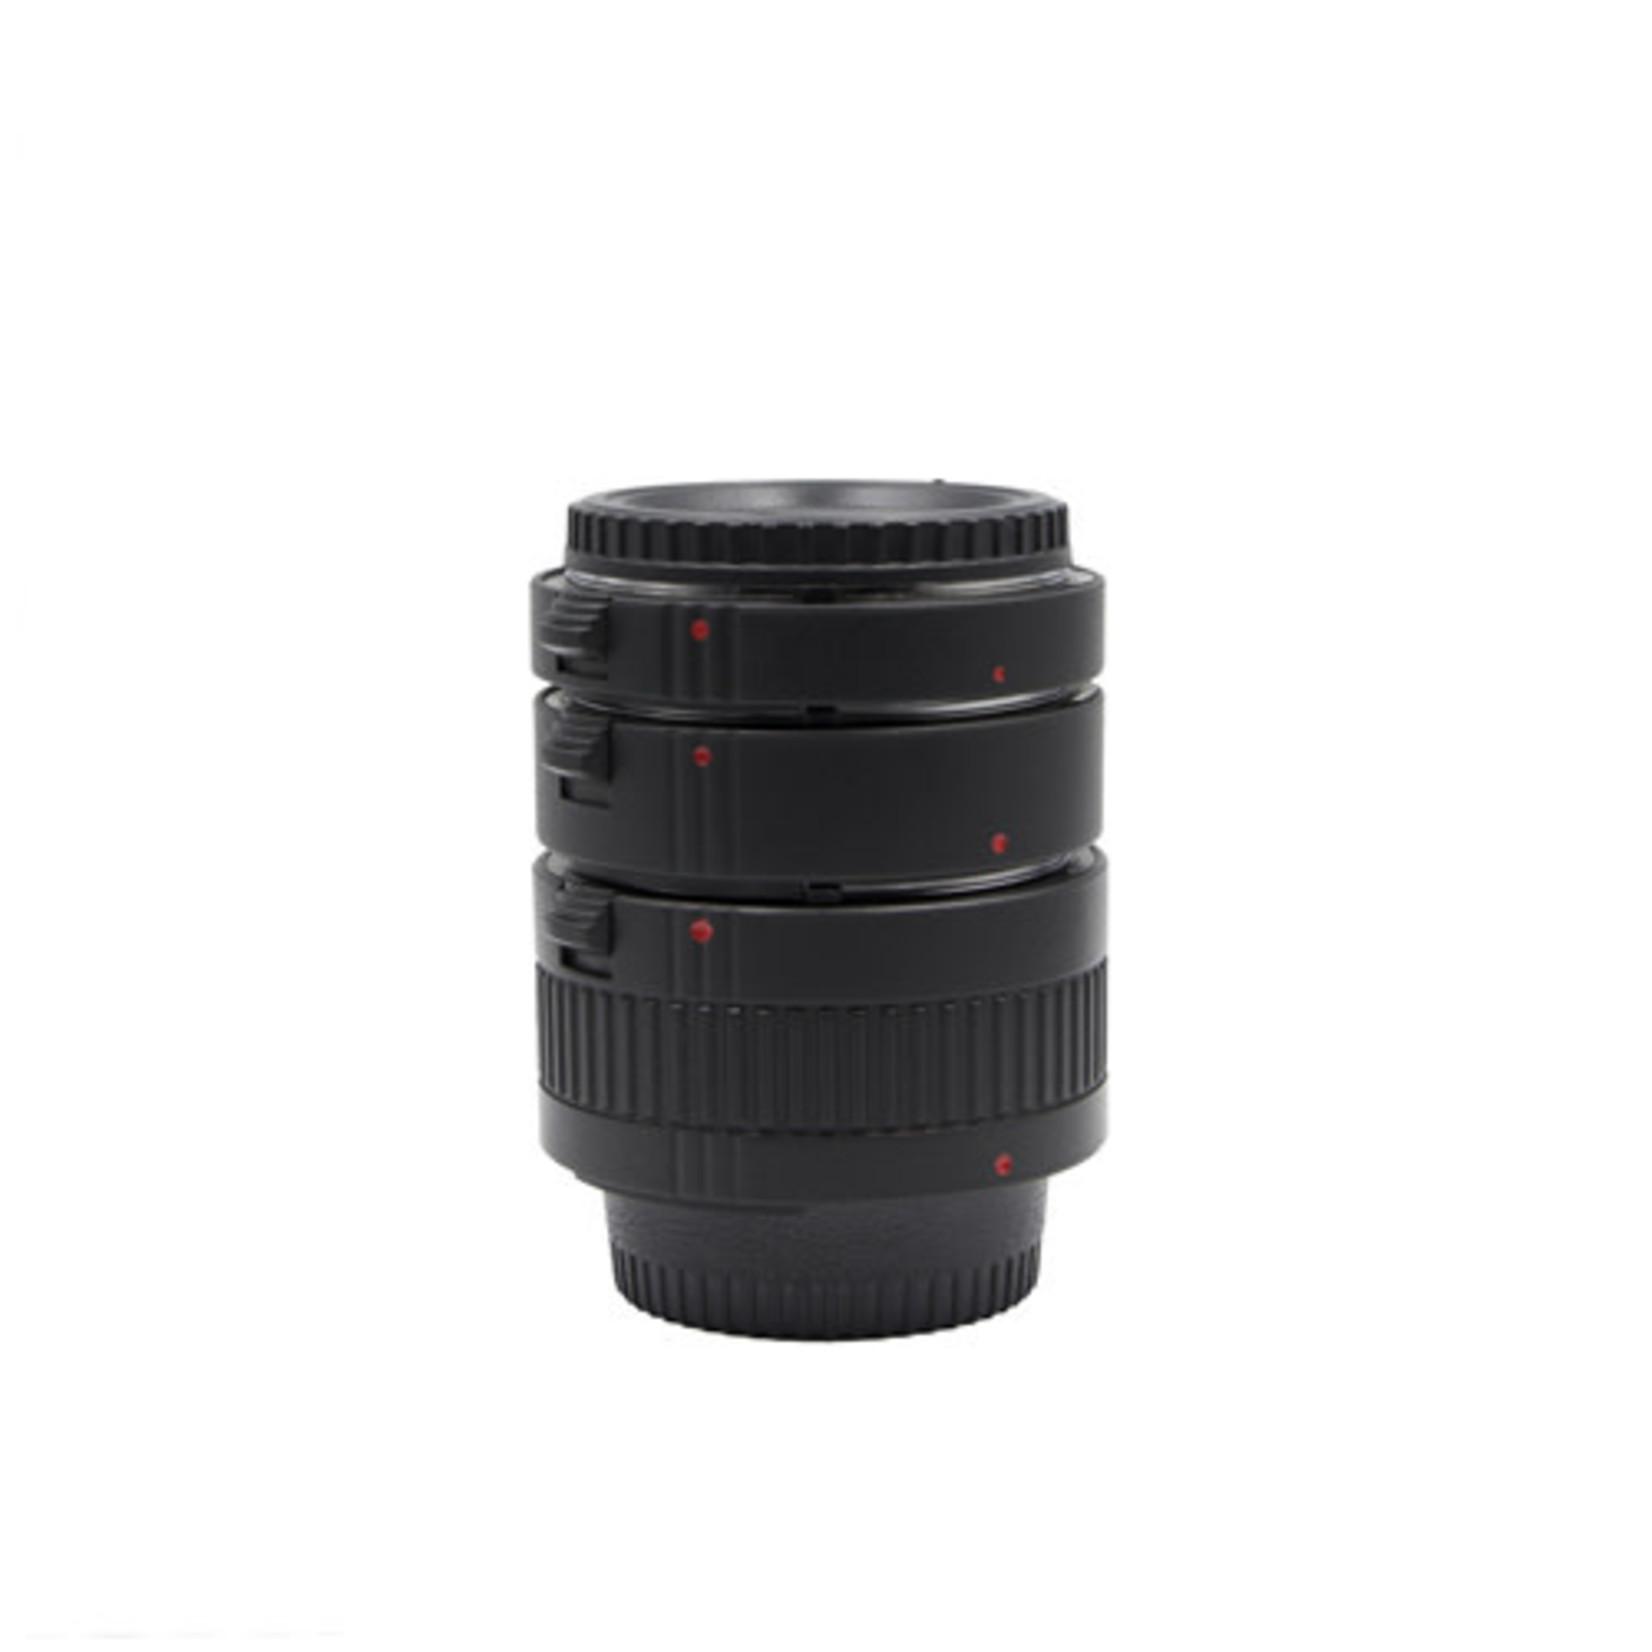 ProMaster Macro Extension Tube Set for Nikon F (N)